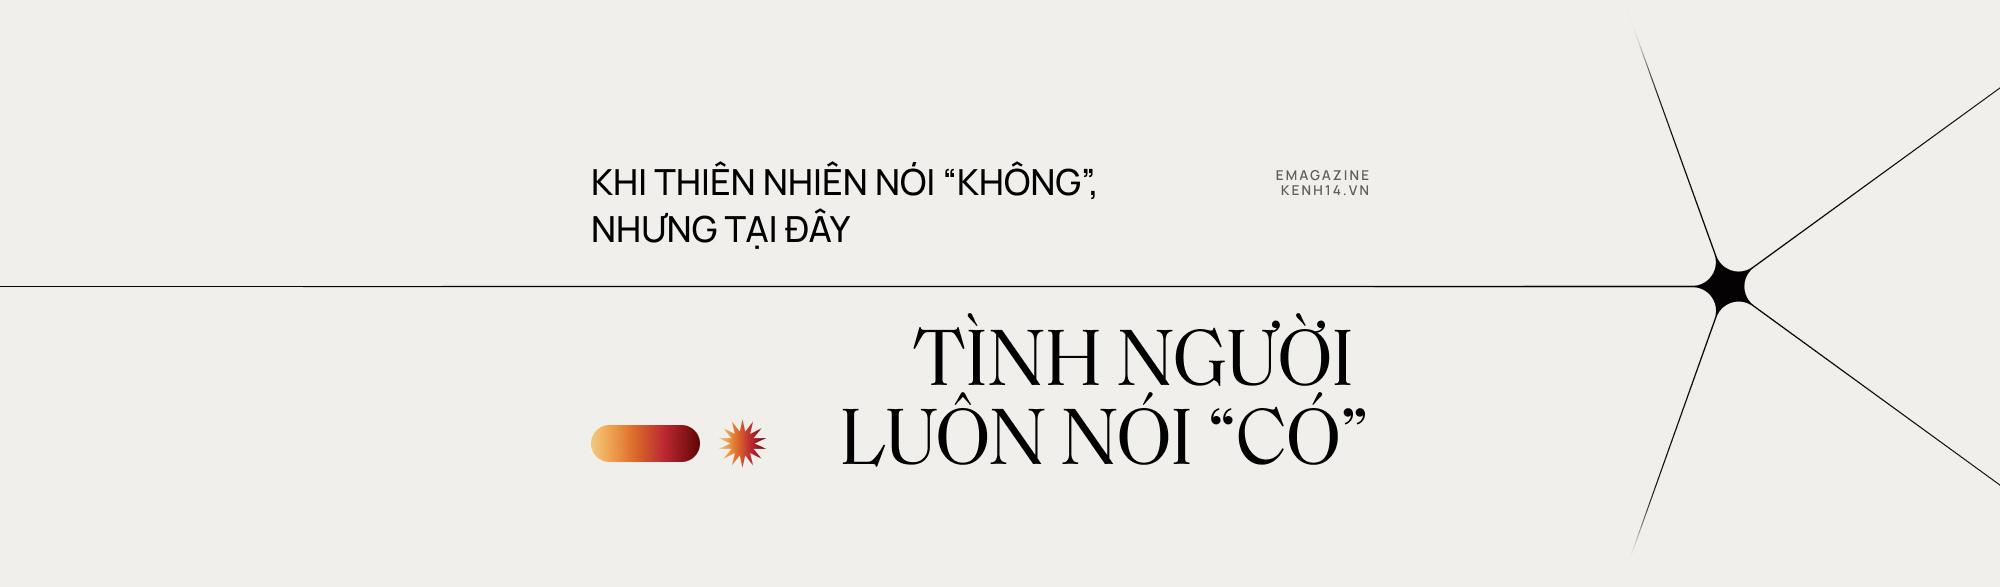 WeChoice Awards 2020: Diệu kỳ Việt Nam - khi phép màu đến từ những điều giản đơn nhất - Ảnh 9.